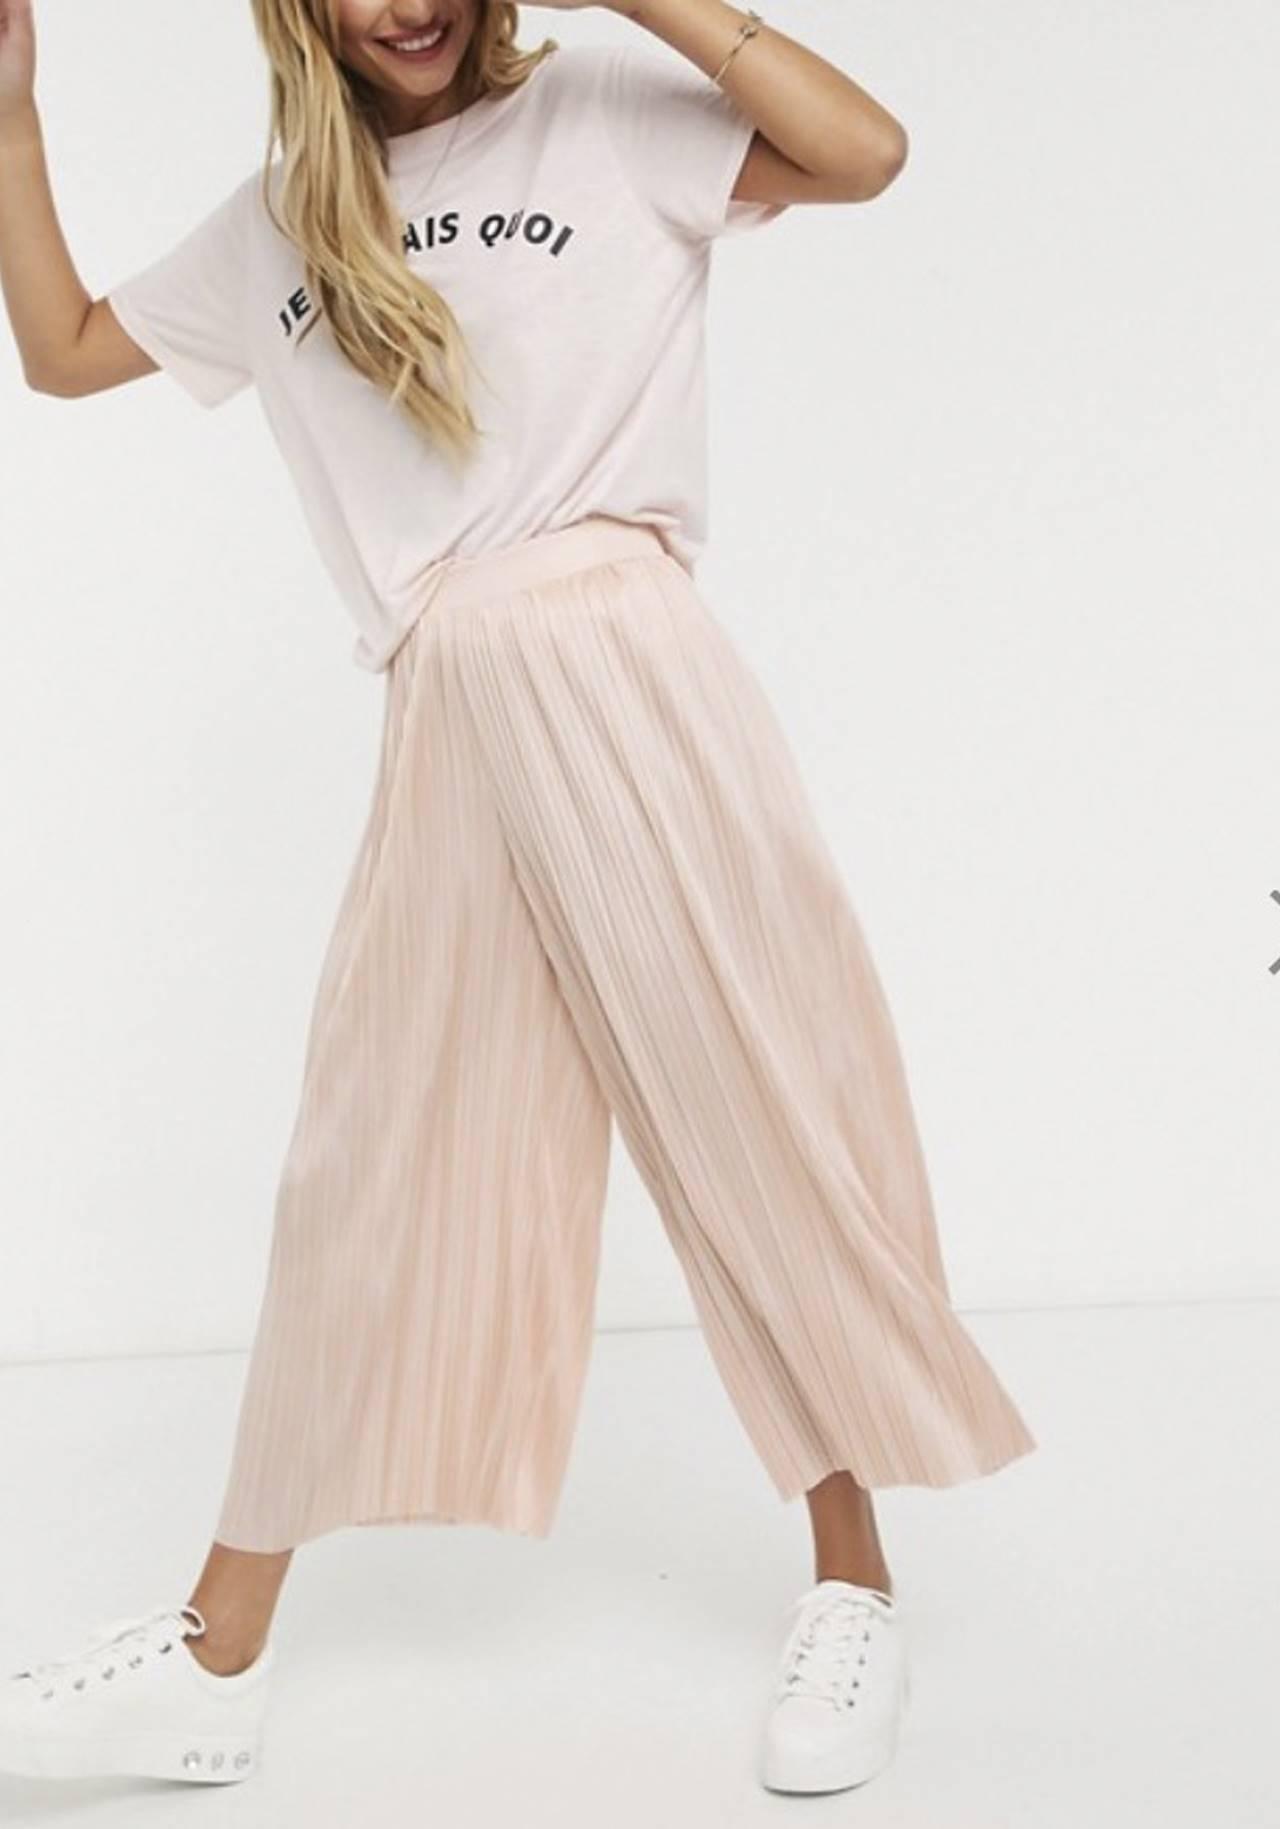 Bershka Asos Springfield Zara Pantalones Cero Ajustados Para El Verano